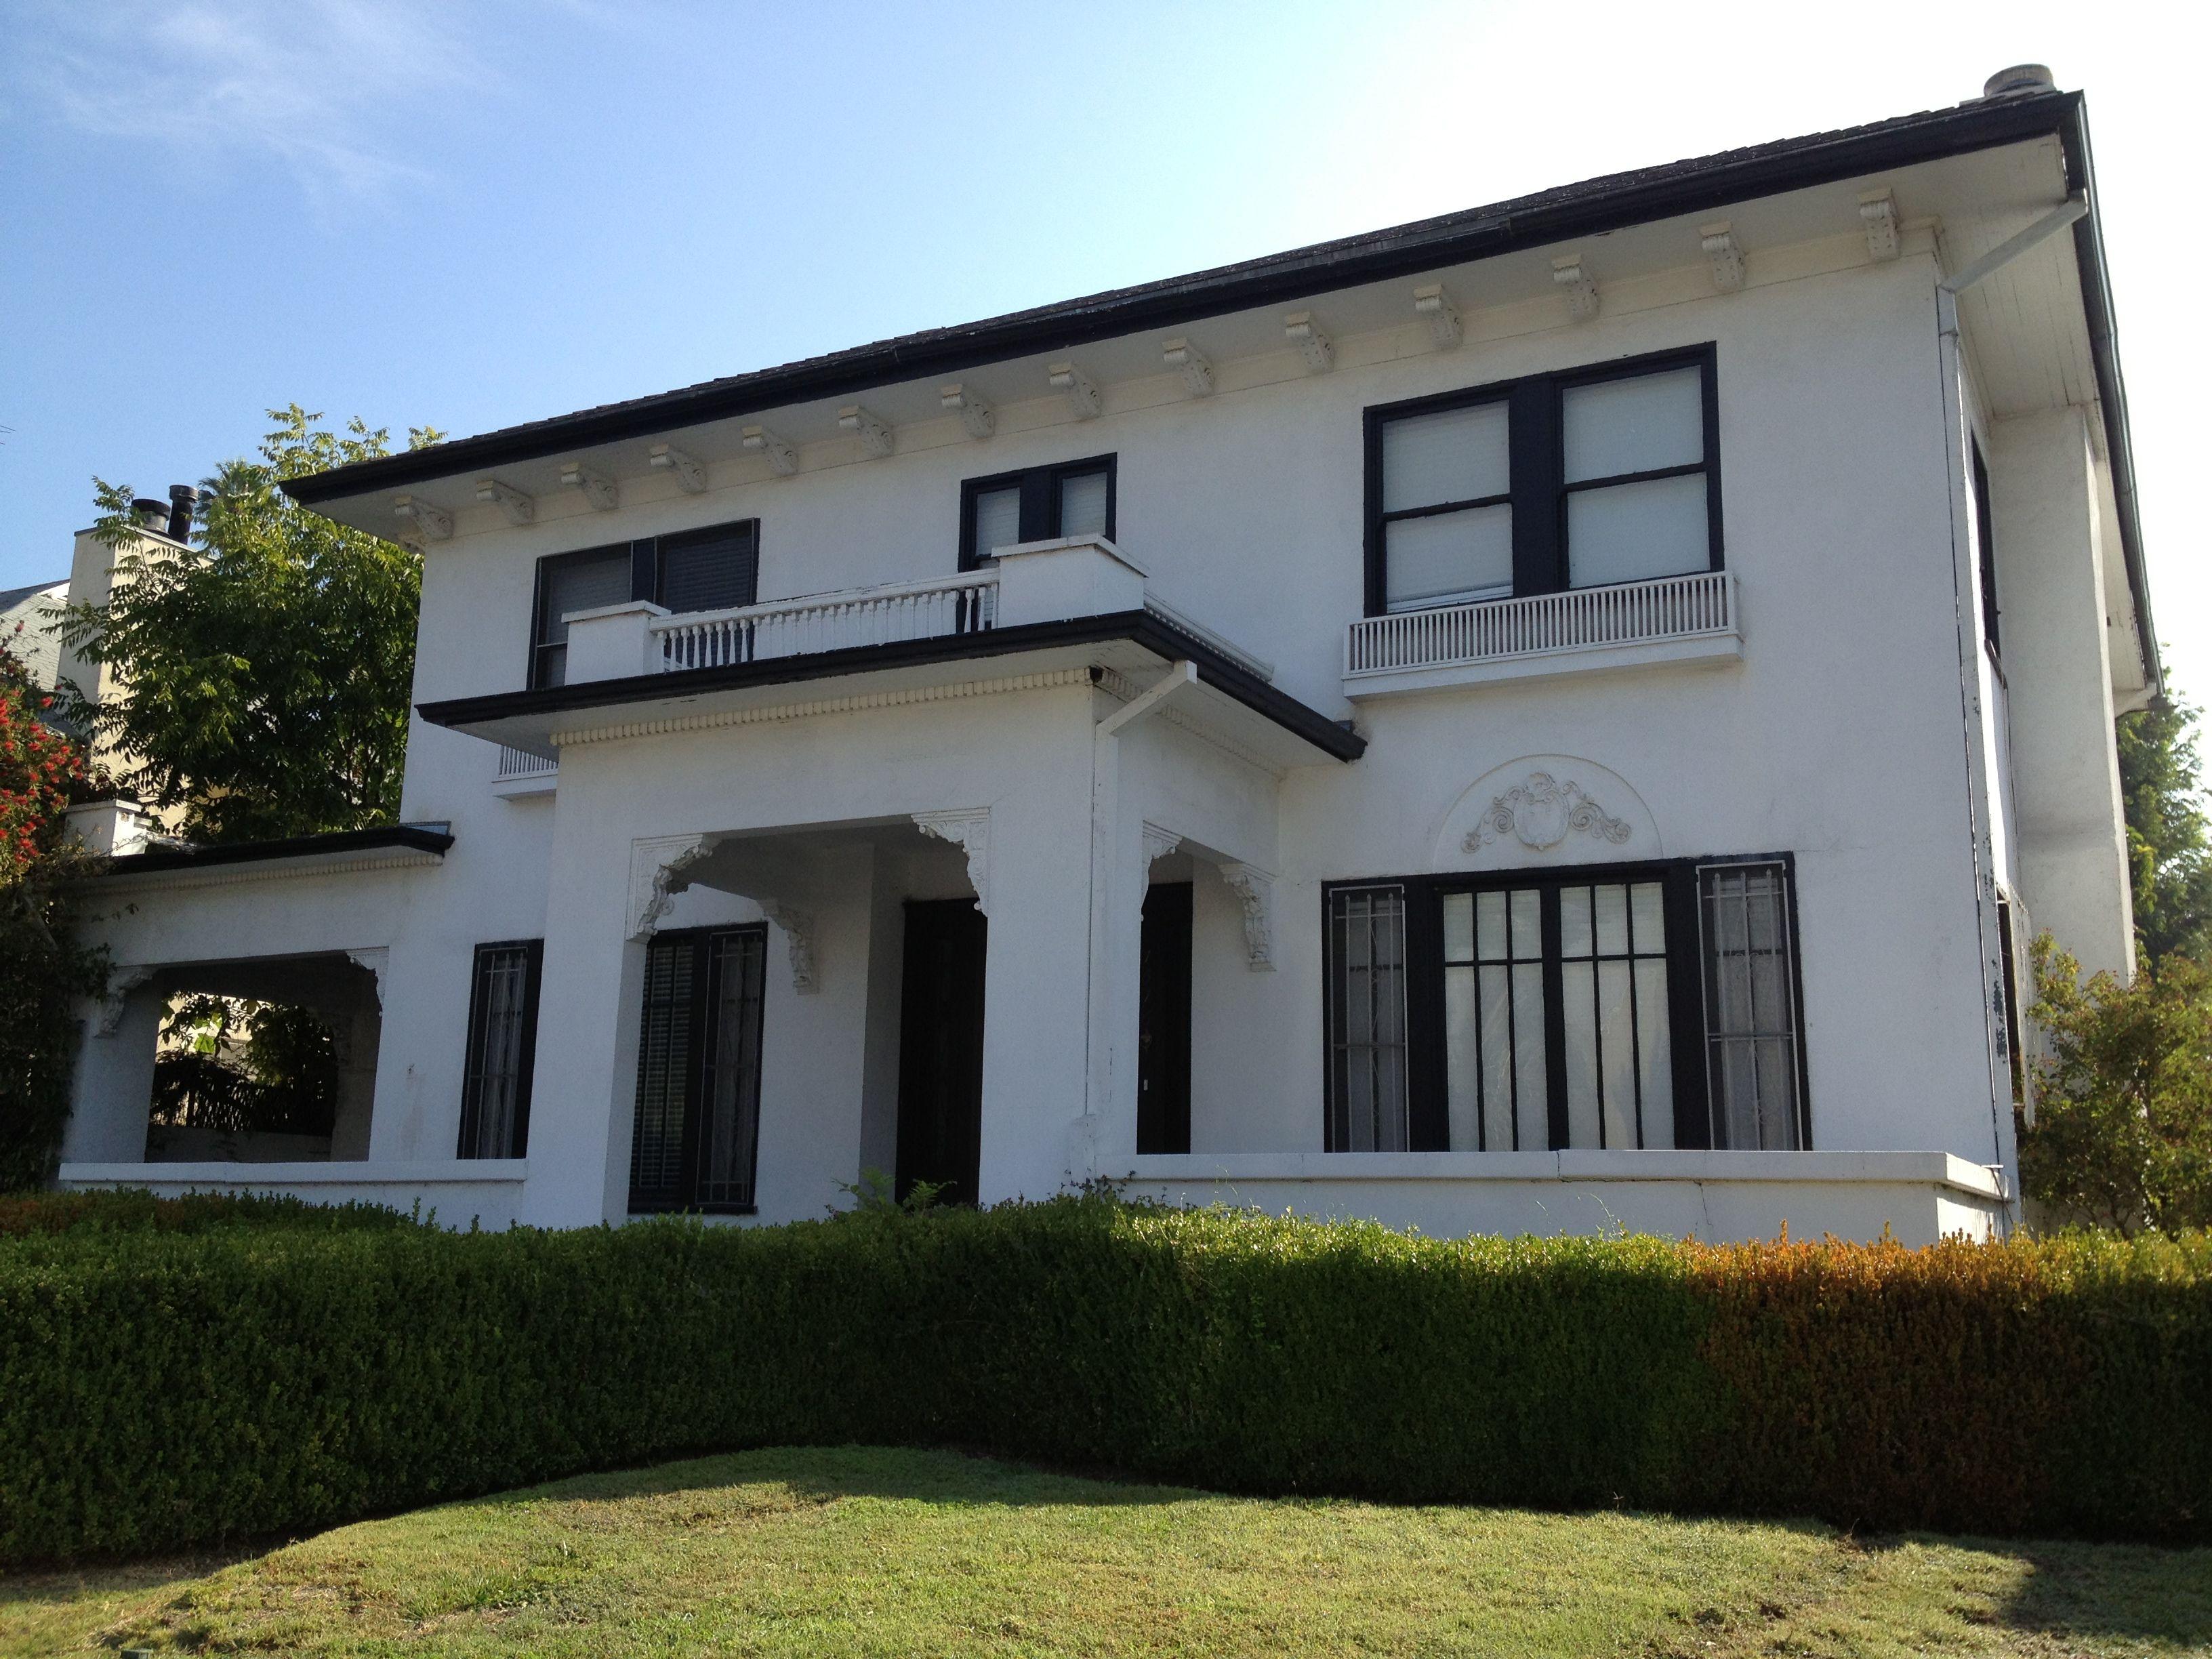 Gorgeous homes around LA teens/20's